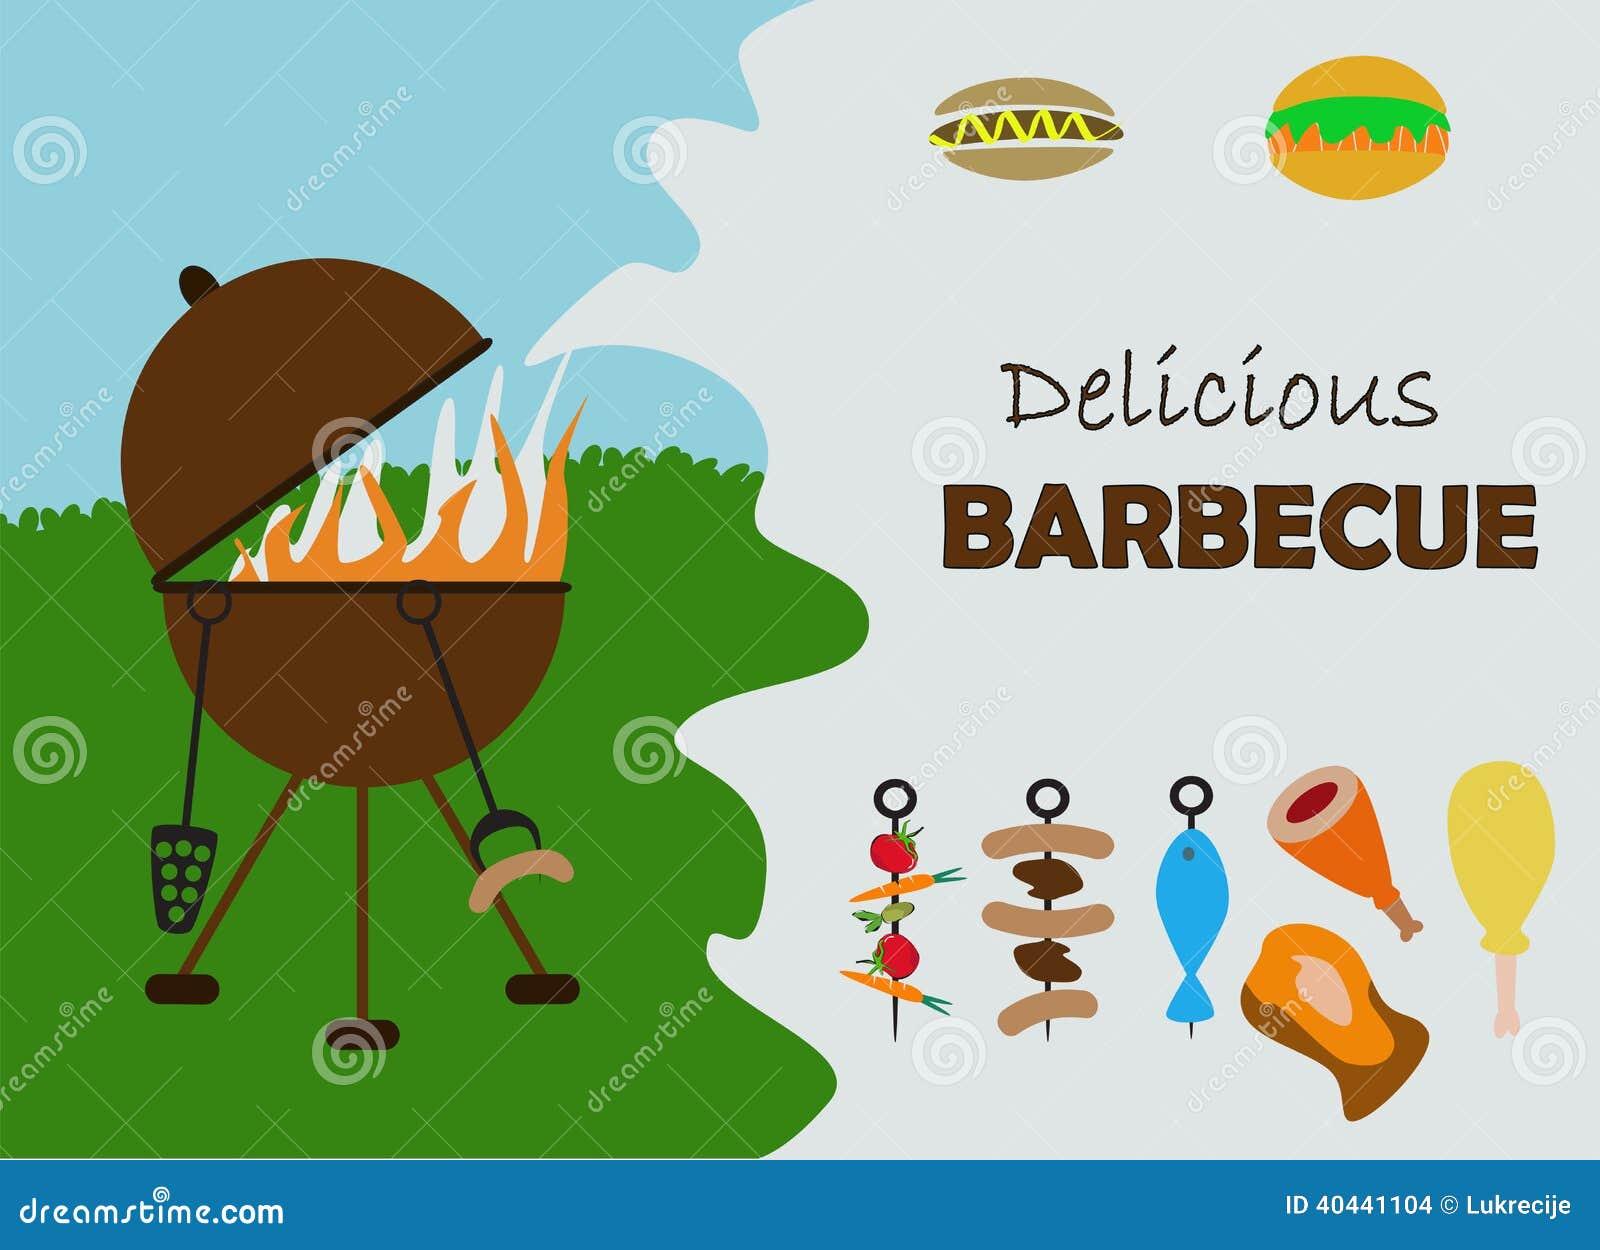 picnic hamburgare södertälje